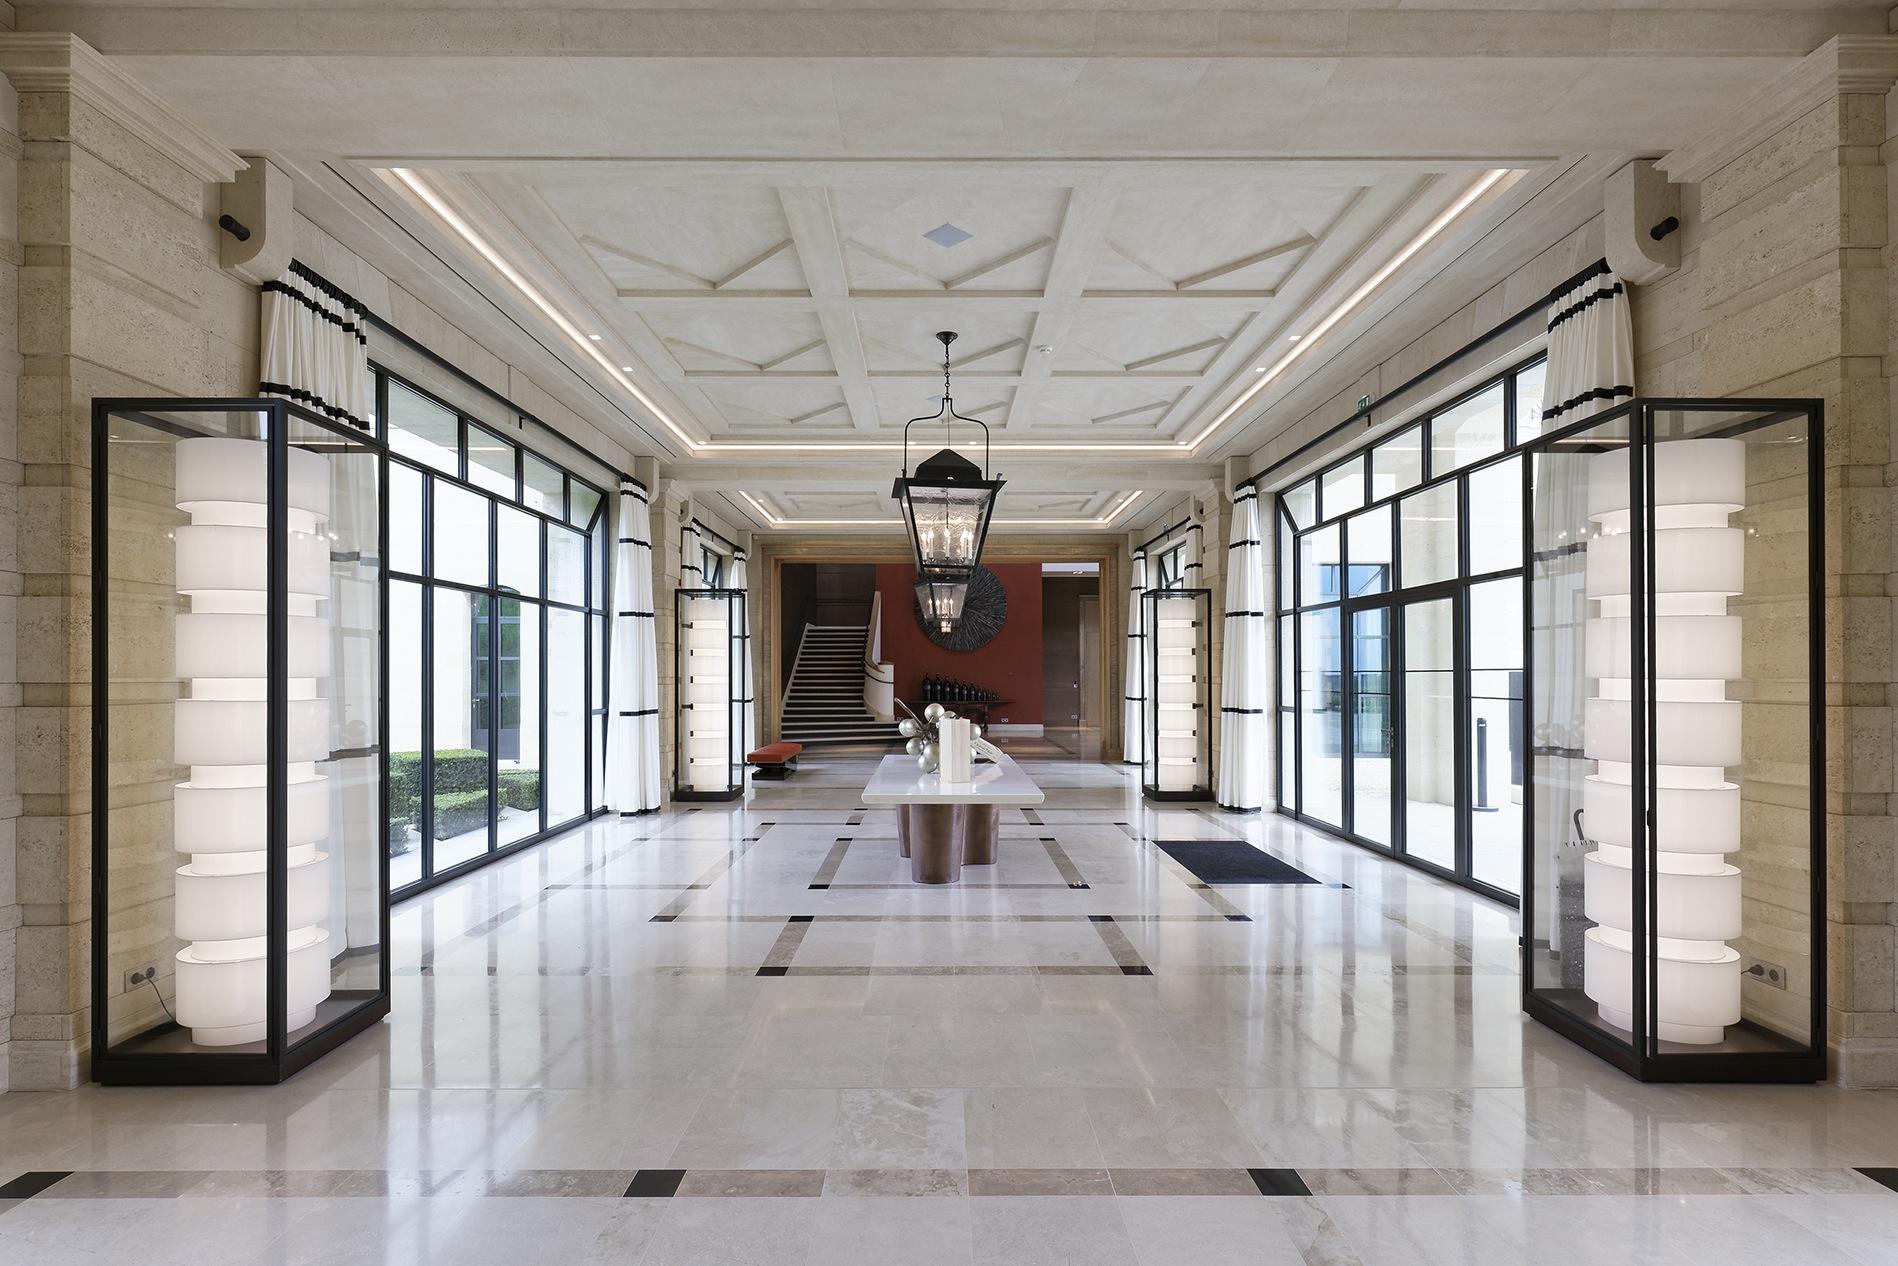 Le hall d'entrée du bâtiment de réception.